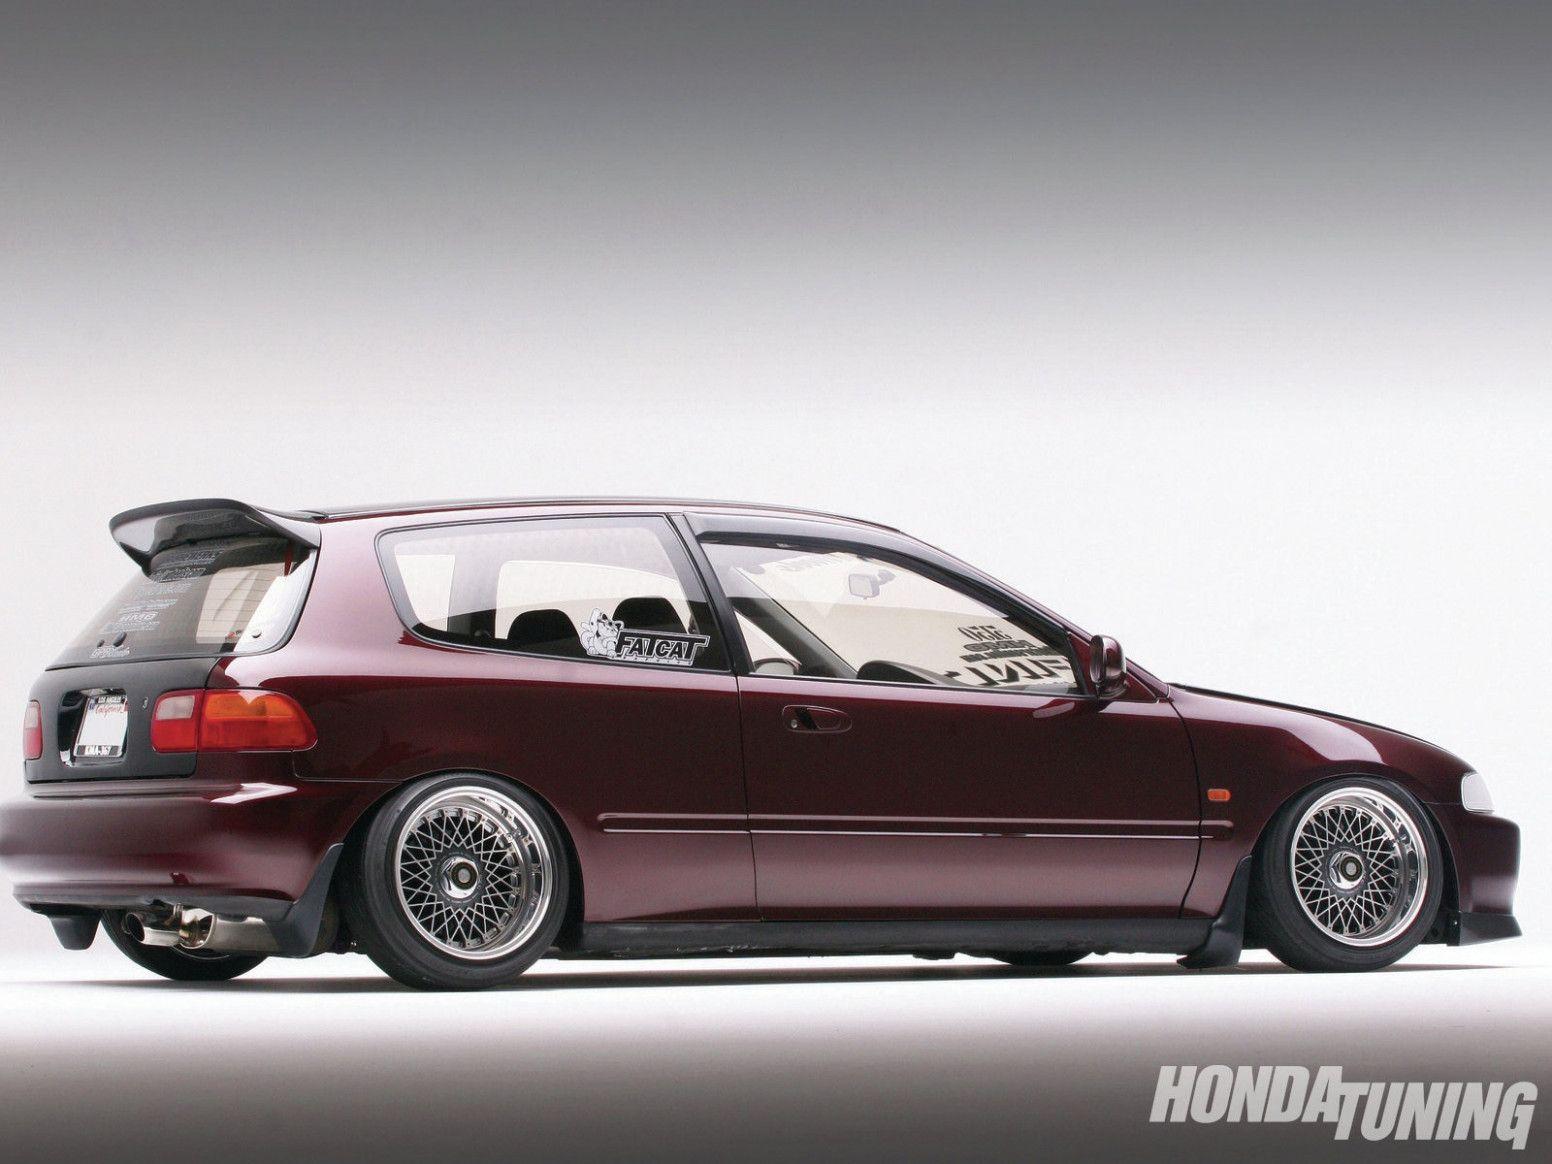 92 95 Honda Civic Hatchback For Sale Craigslist Rumor Honda Civic Hatchback Honda Civic Type R Civic Hatchback